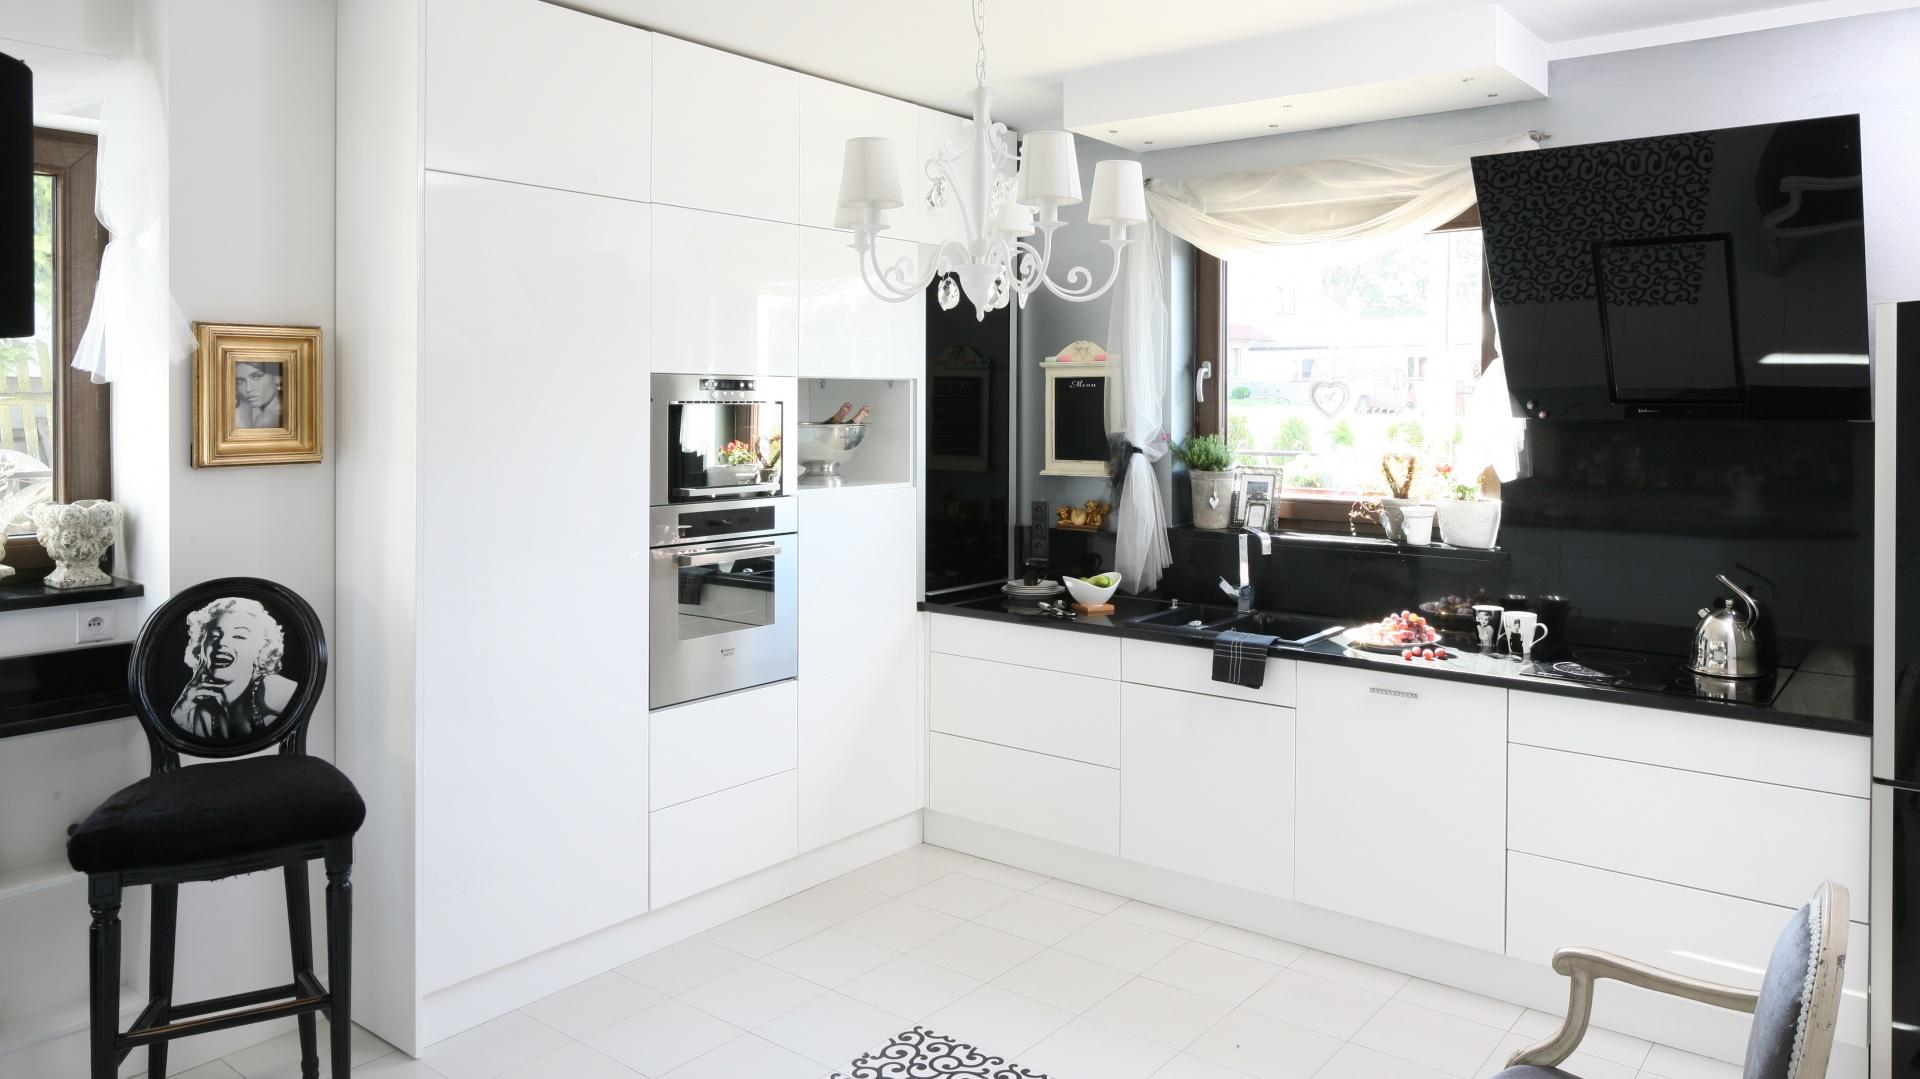 Piękna kuchnia w stylu Czarno biała kuchnia 15 eleganckich aranżacji z   -> Kuchnia W Stylu Glamour Galeria